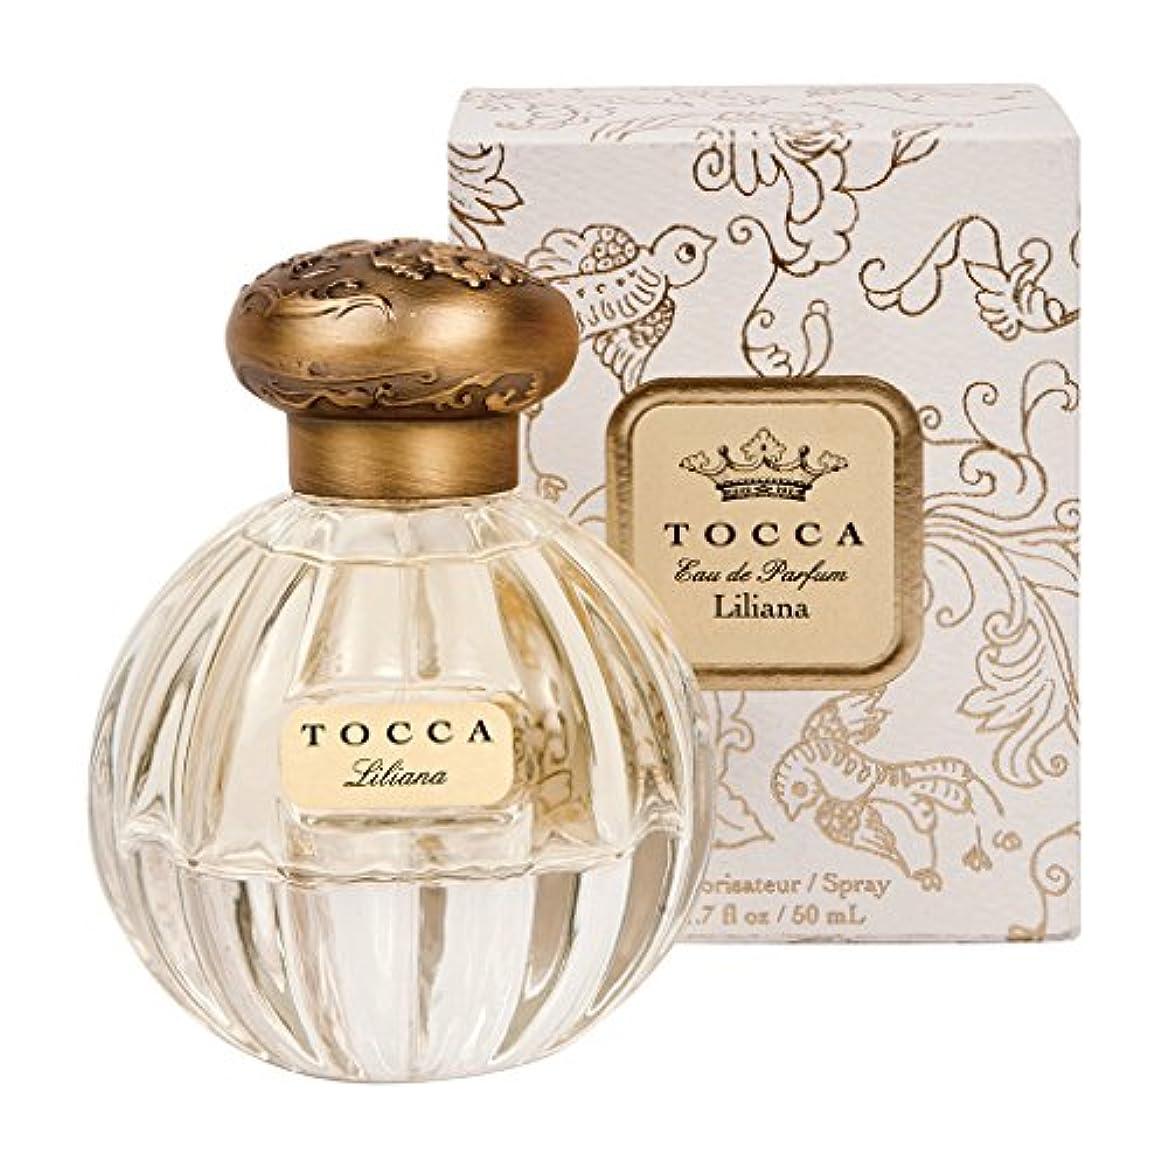 蒸気鳩男らしさトッカ(TOCCA) オードパルファム リリアナの香り 50ml(香水 ガーデンパーティーに漂うミュゲ、ガーデニア、ピオニーの花束の魅惑的な香り)